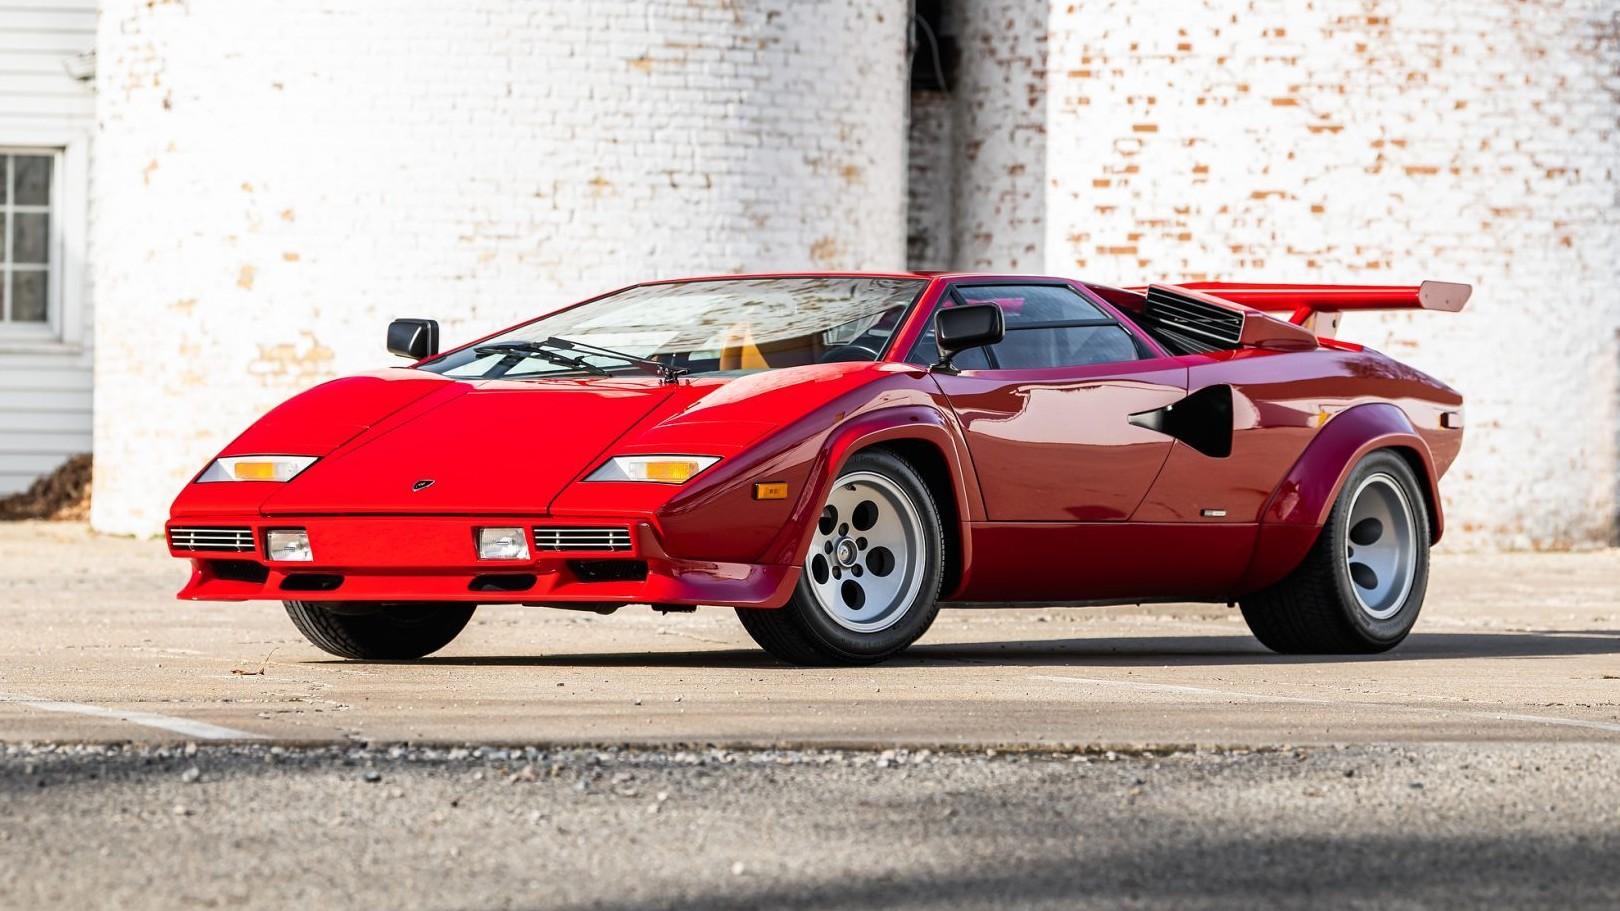 Αυτή η Lamborghini Countach LP400 S πουλήθηκε έναντι $425.000 [vid]